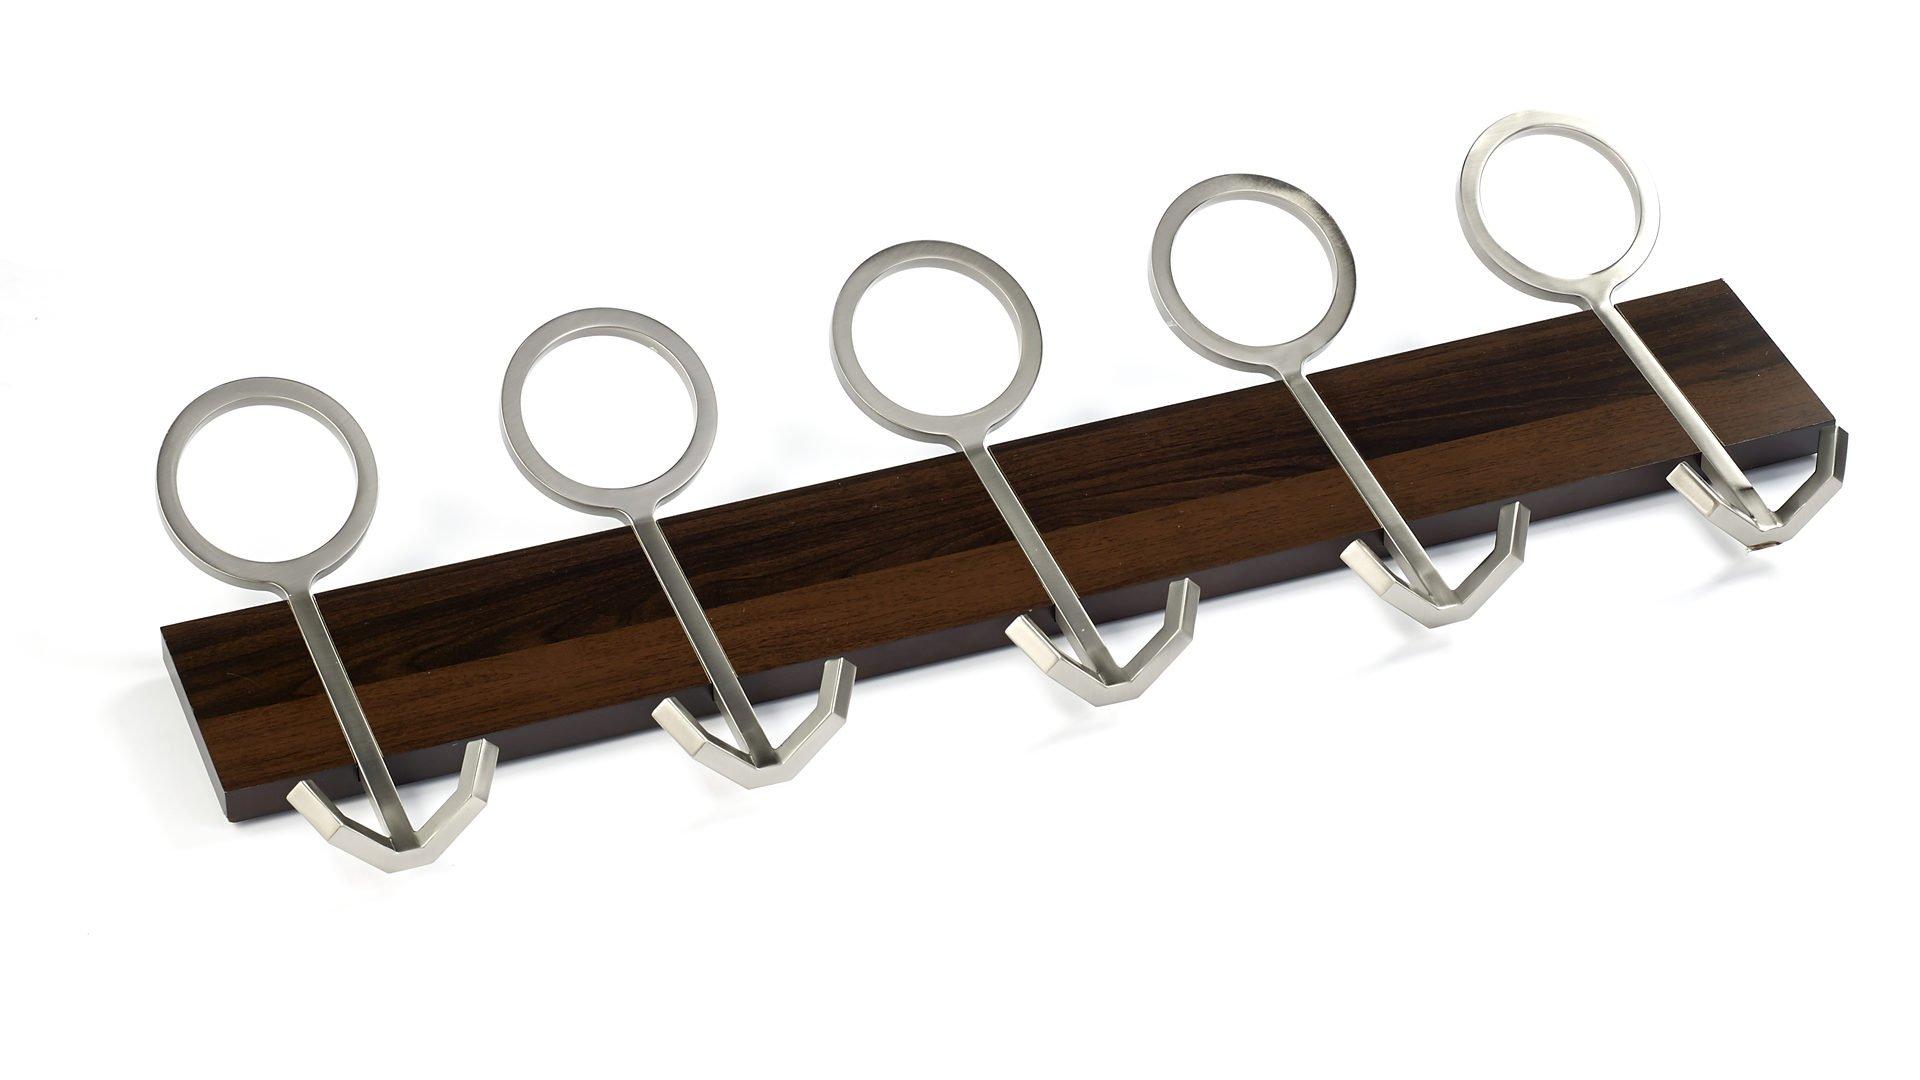 Richelieu Hardware RH1334165195 Contemporary Hook Rack, Brushed Nickel/Mocha Finish